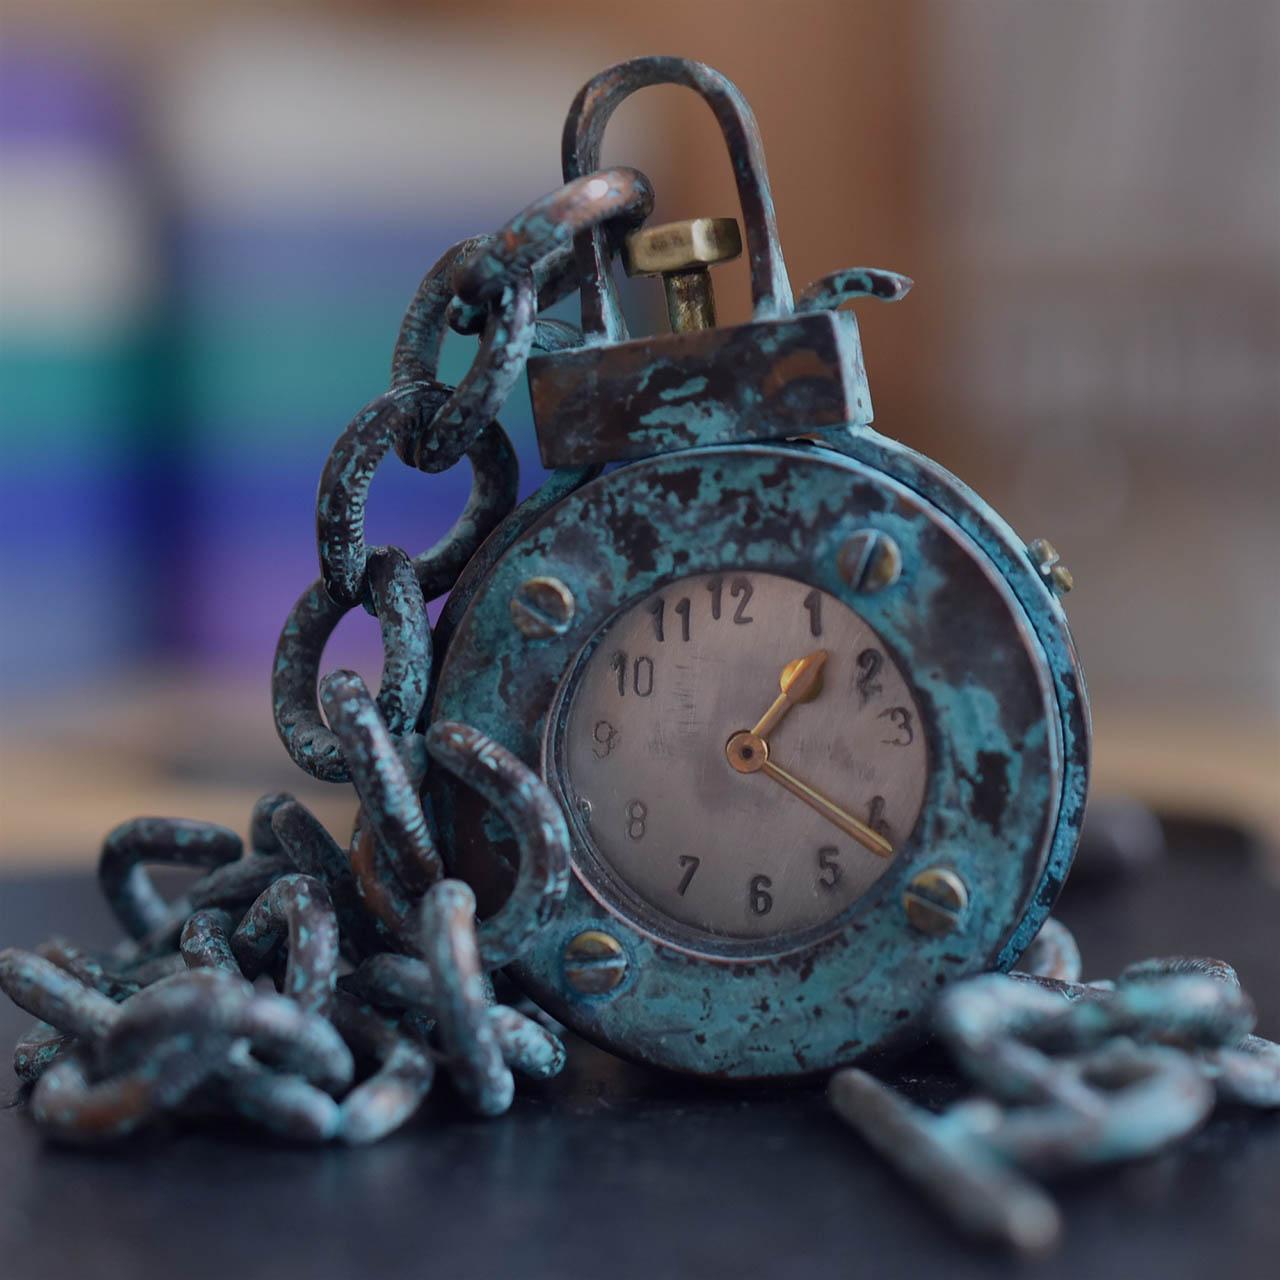 Handgefertigte Armbanduhren - Atelier Horloges